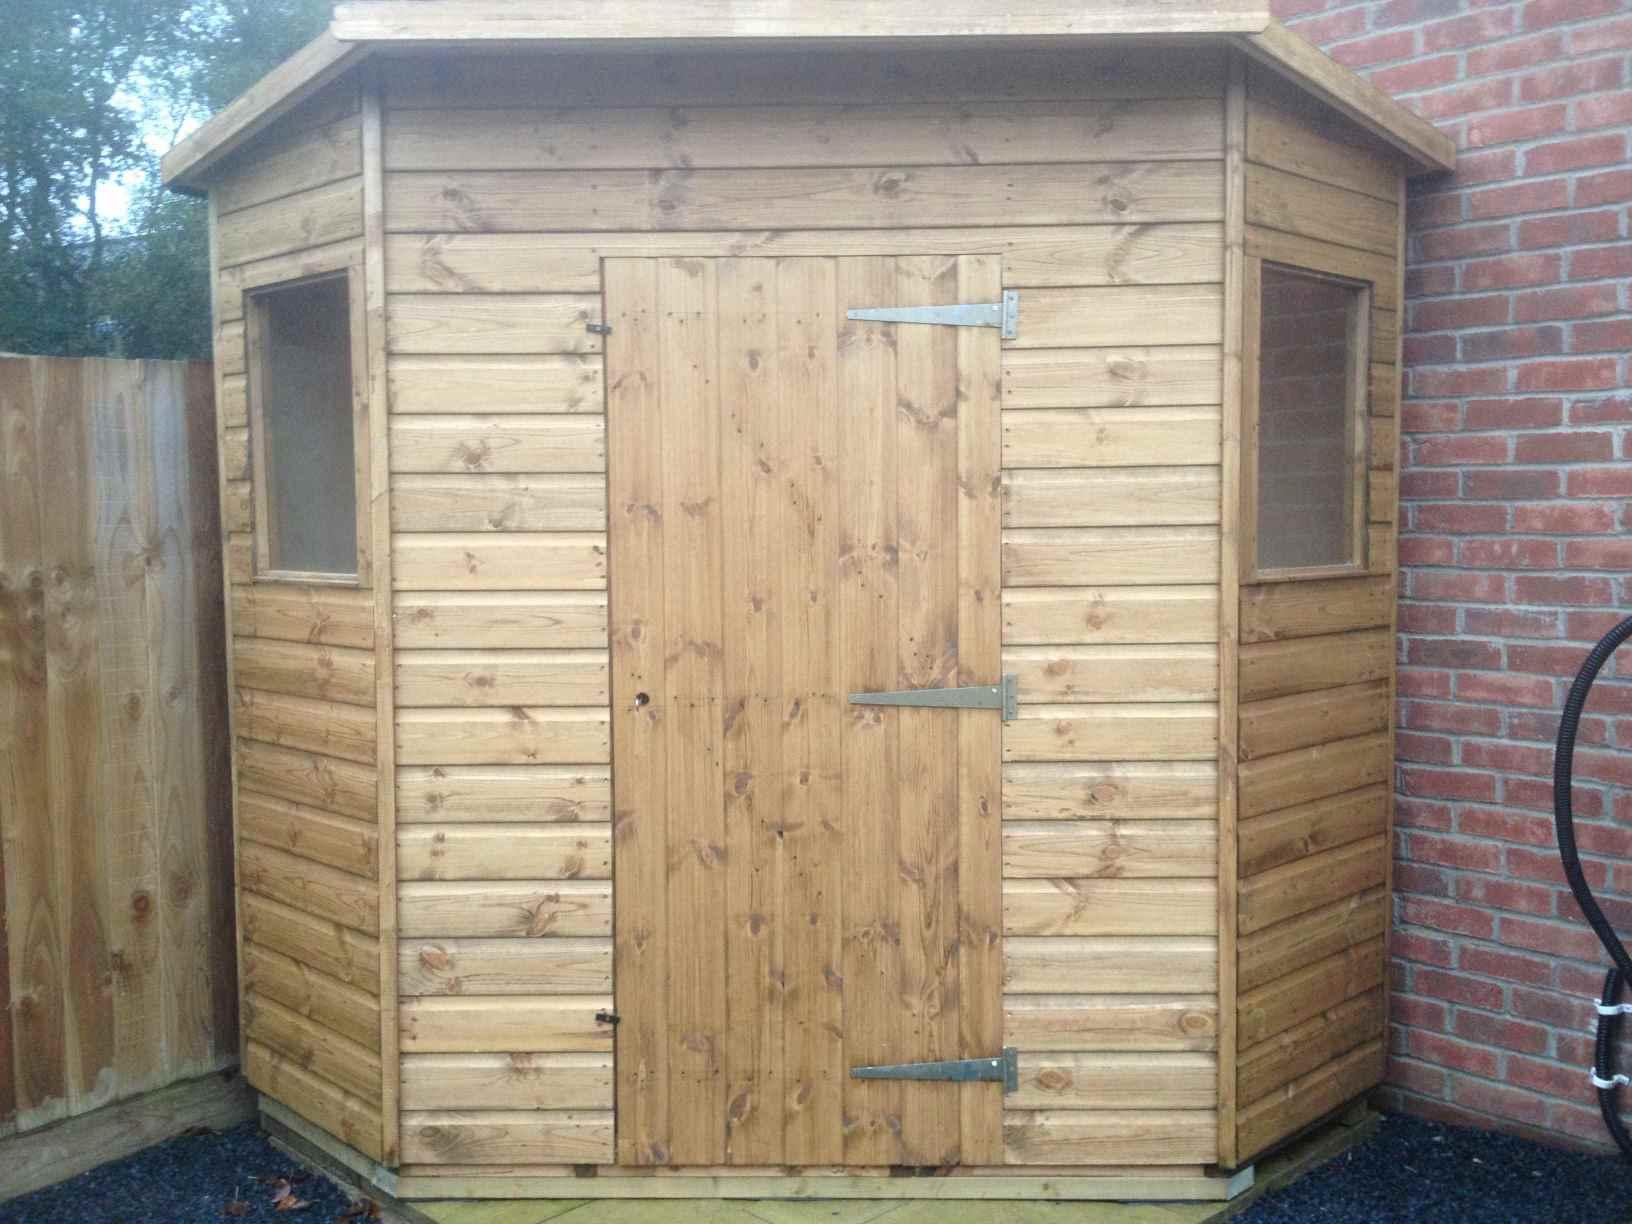 corner garden sheds 7x7 simple corner garden sheds 7x7 design large wooden summer house - Garden Sheds 7x7